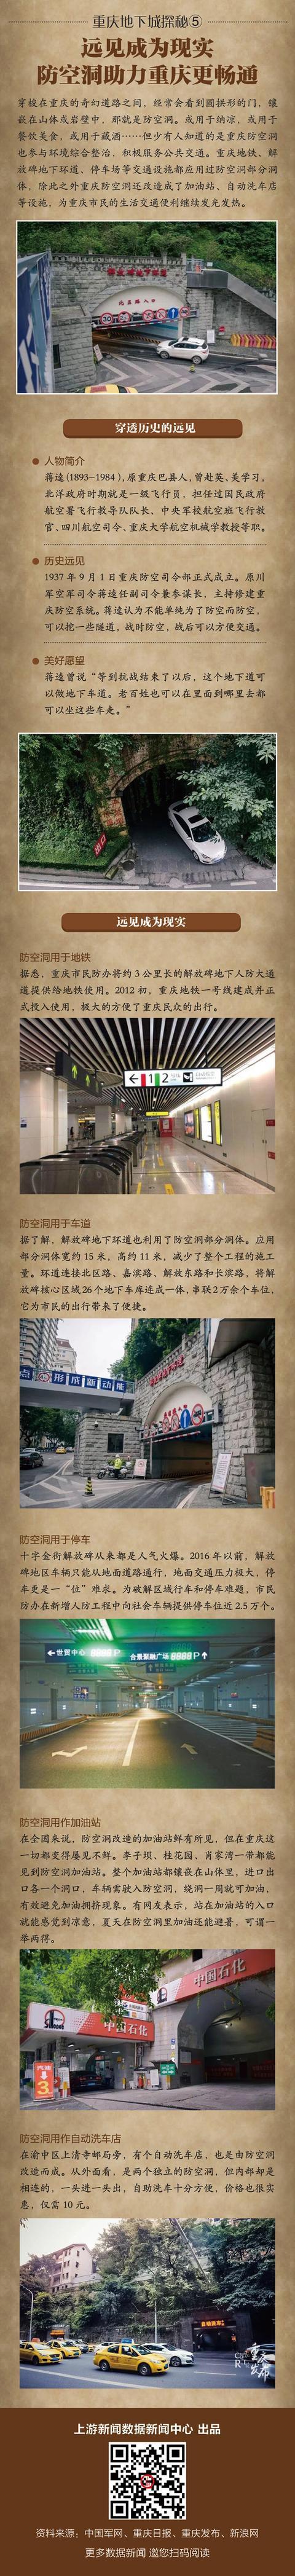 重庆地下城探秘⑤| 远见成为现实,防空洞助力重庆更畅通